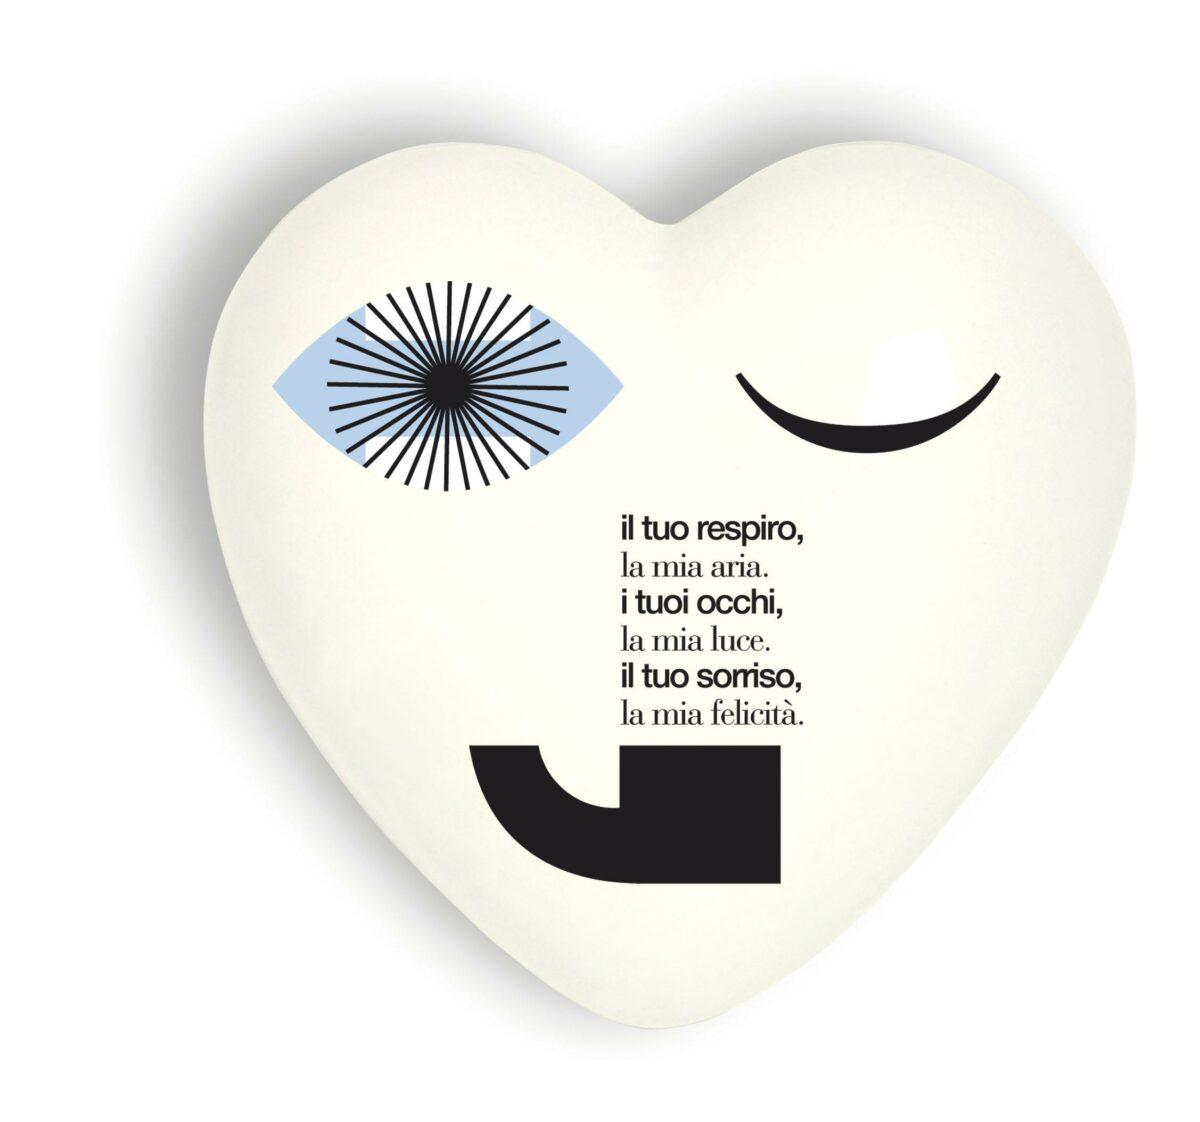 Cuore di ceramica bianco con grafica e testo di Christian Taddio